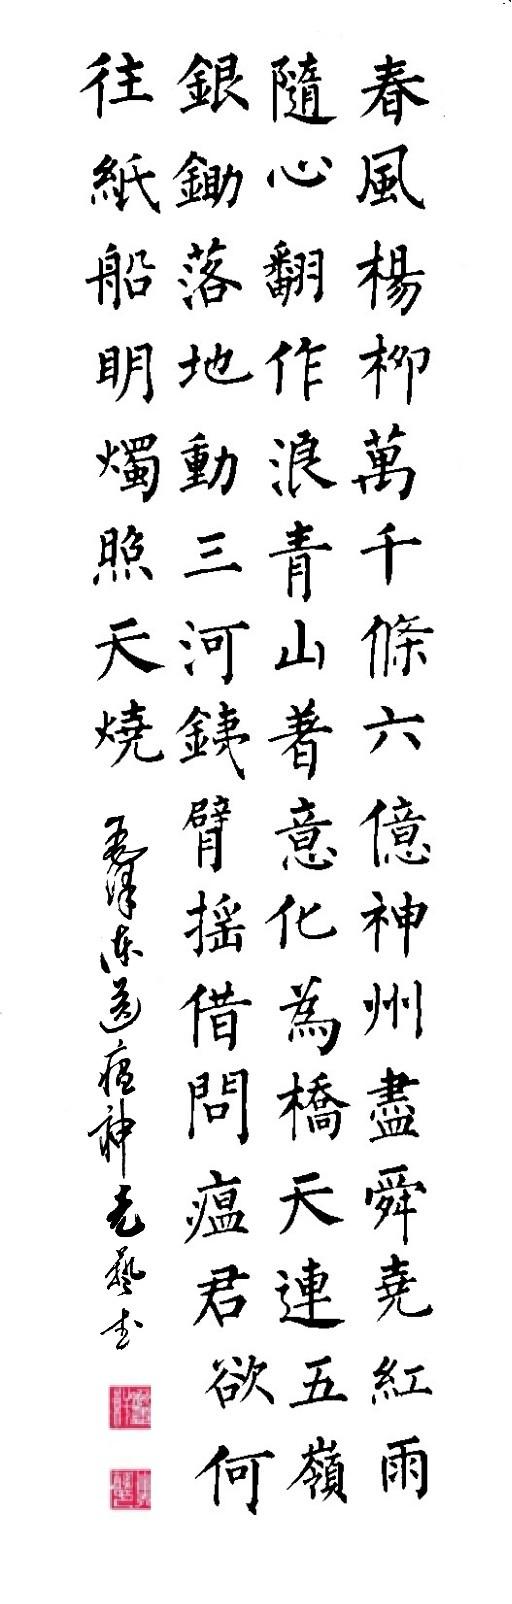 毛泽东七律《送瘟神》